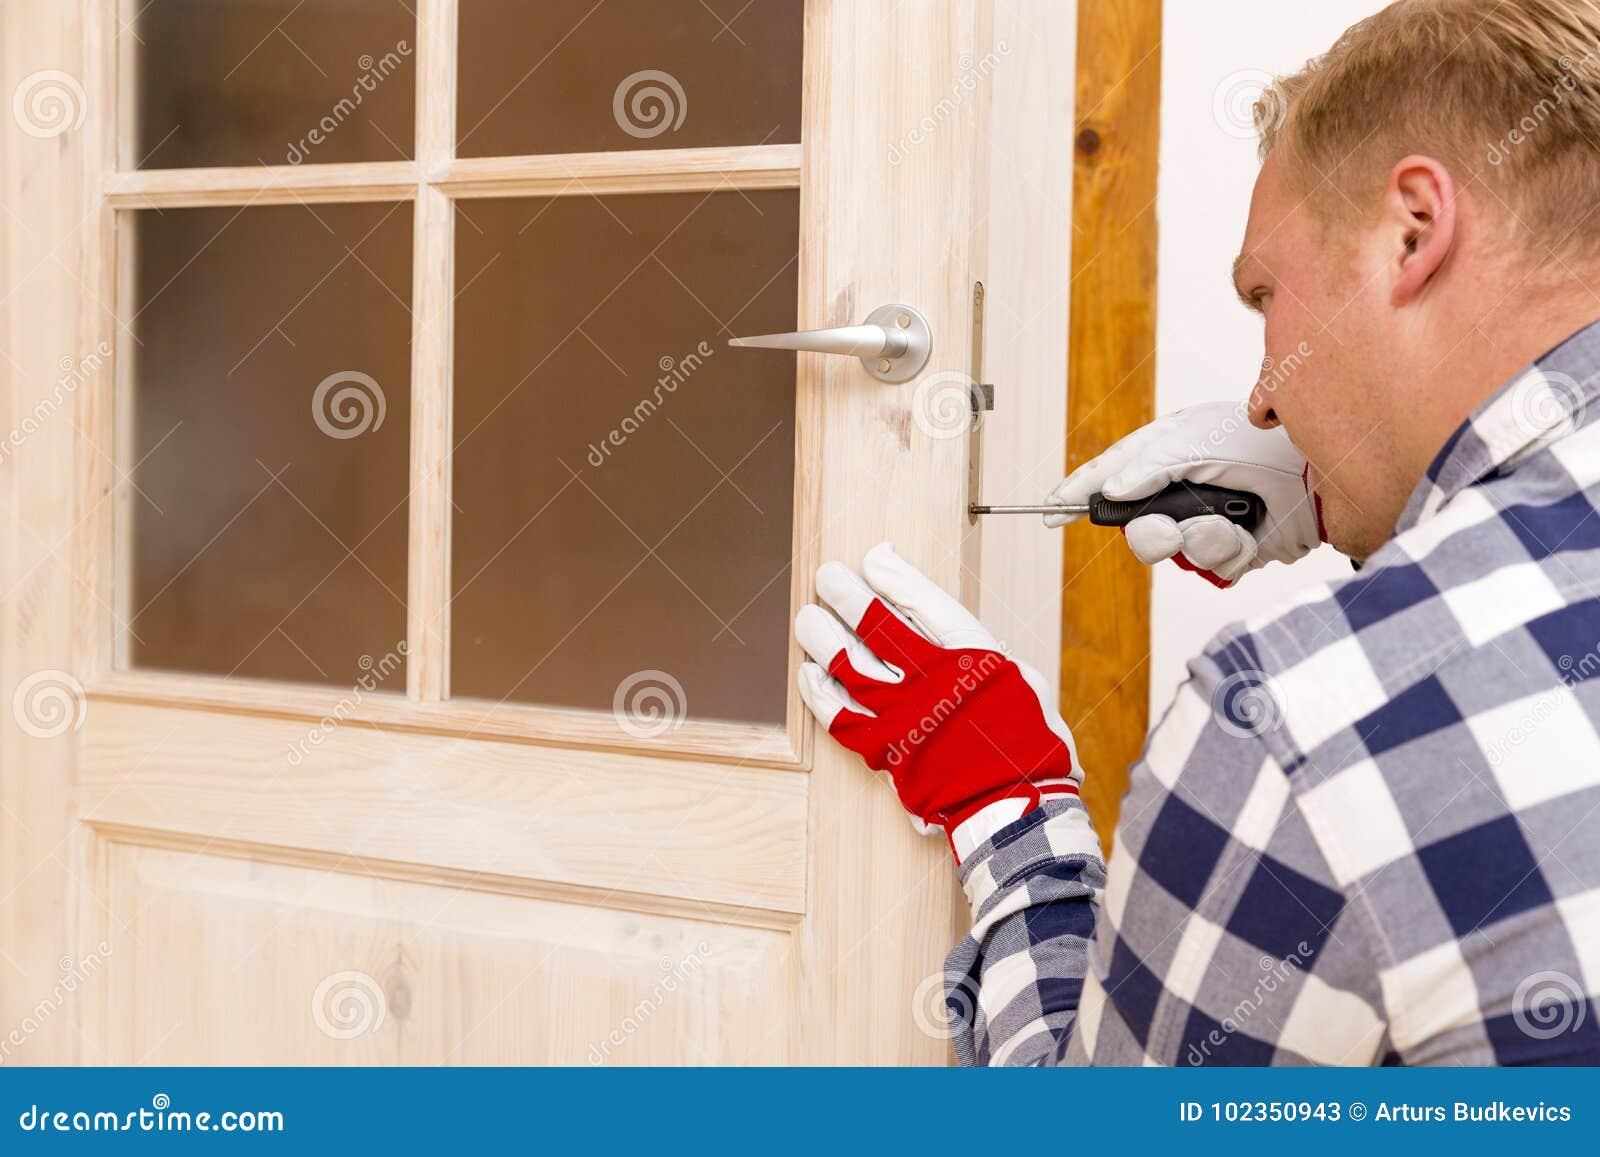 Bricoleur fixant la porte avec le tournevis